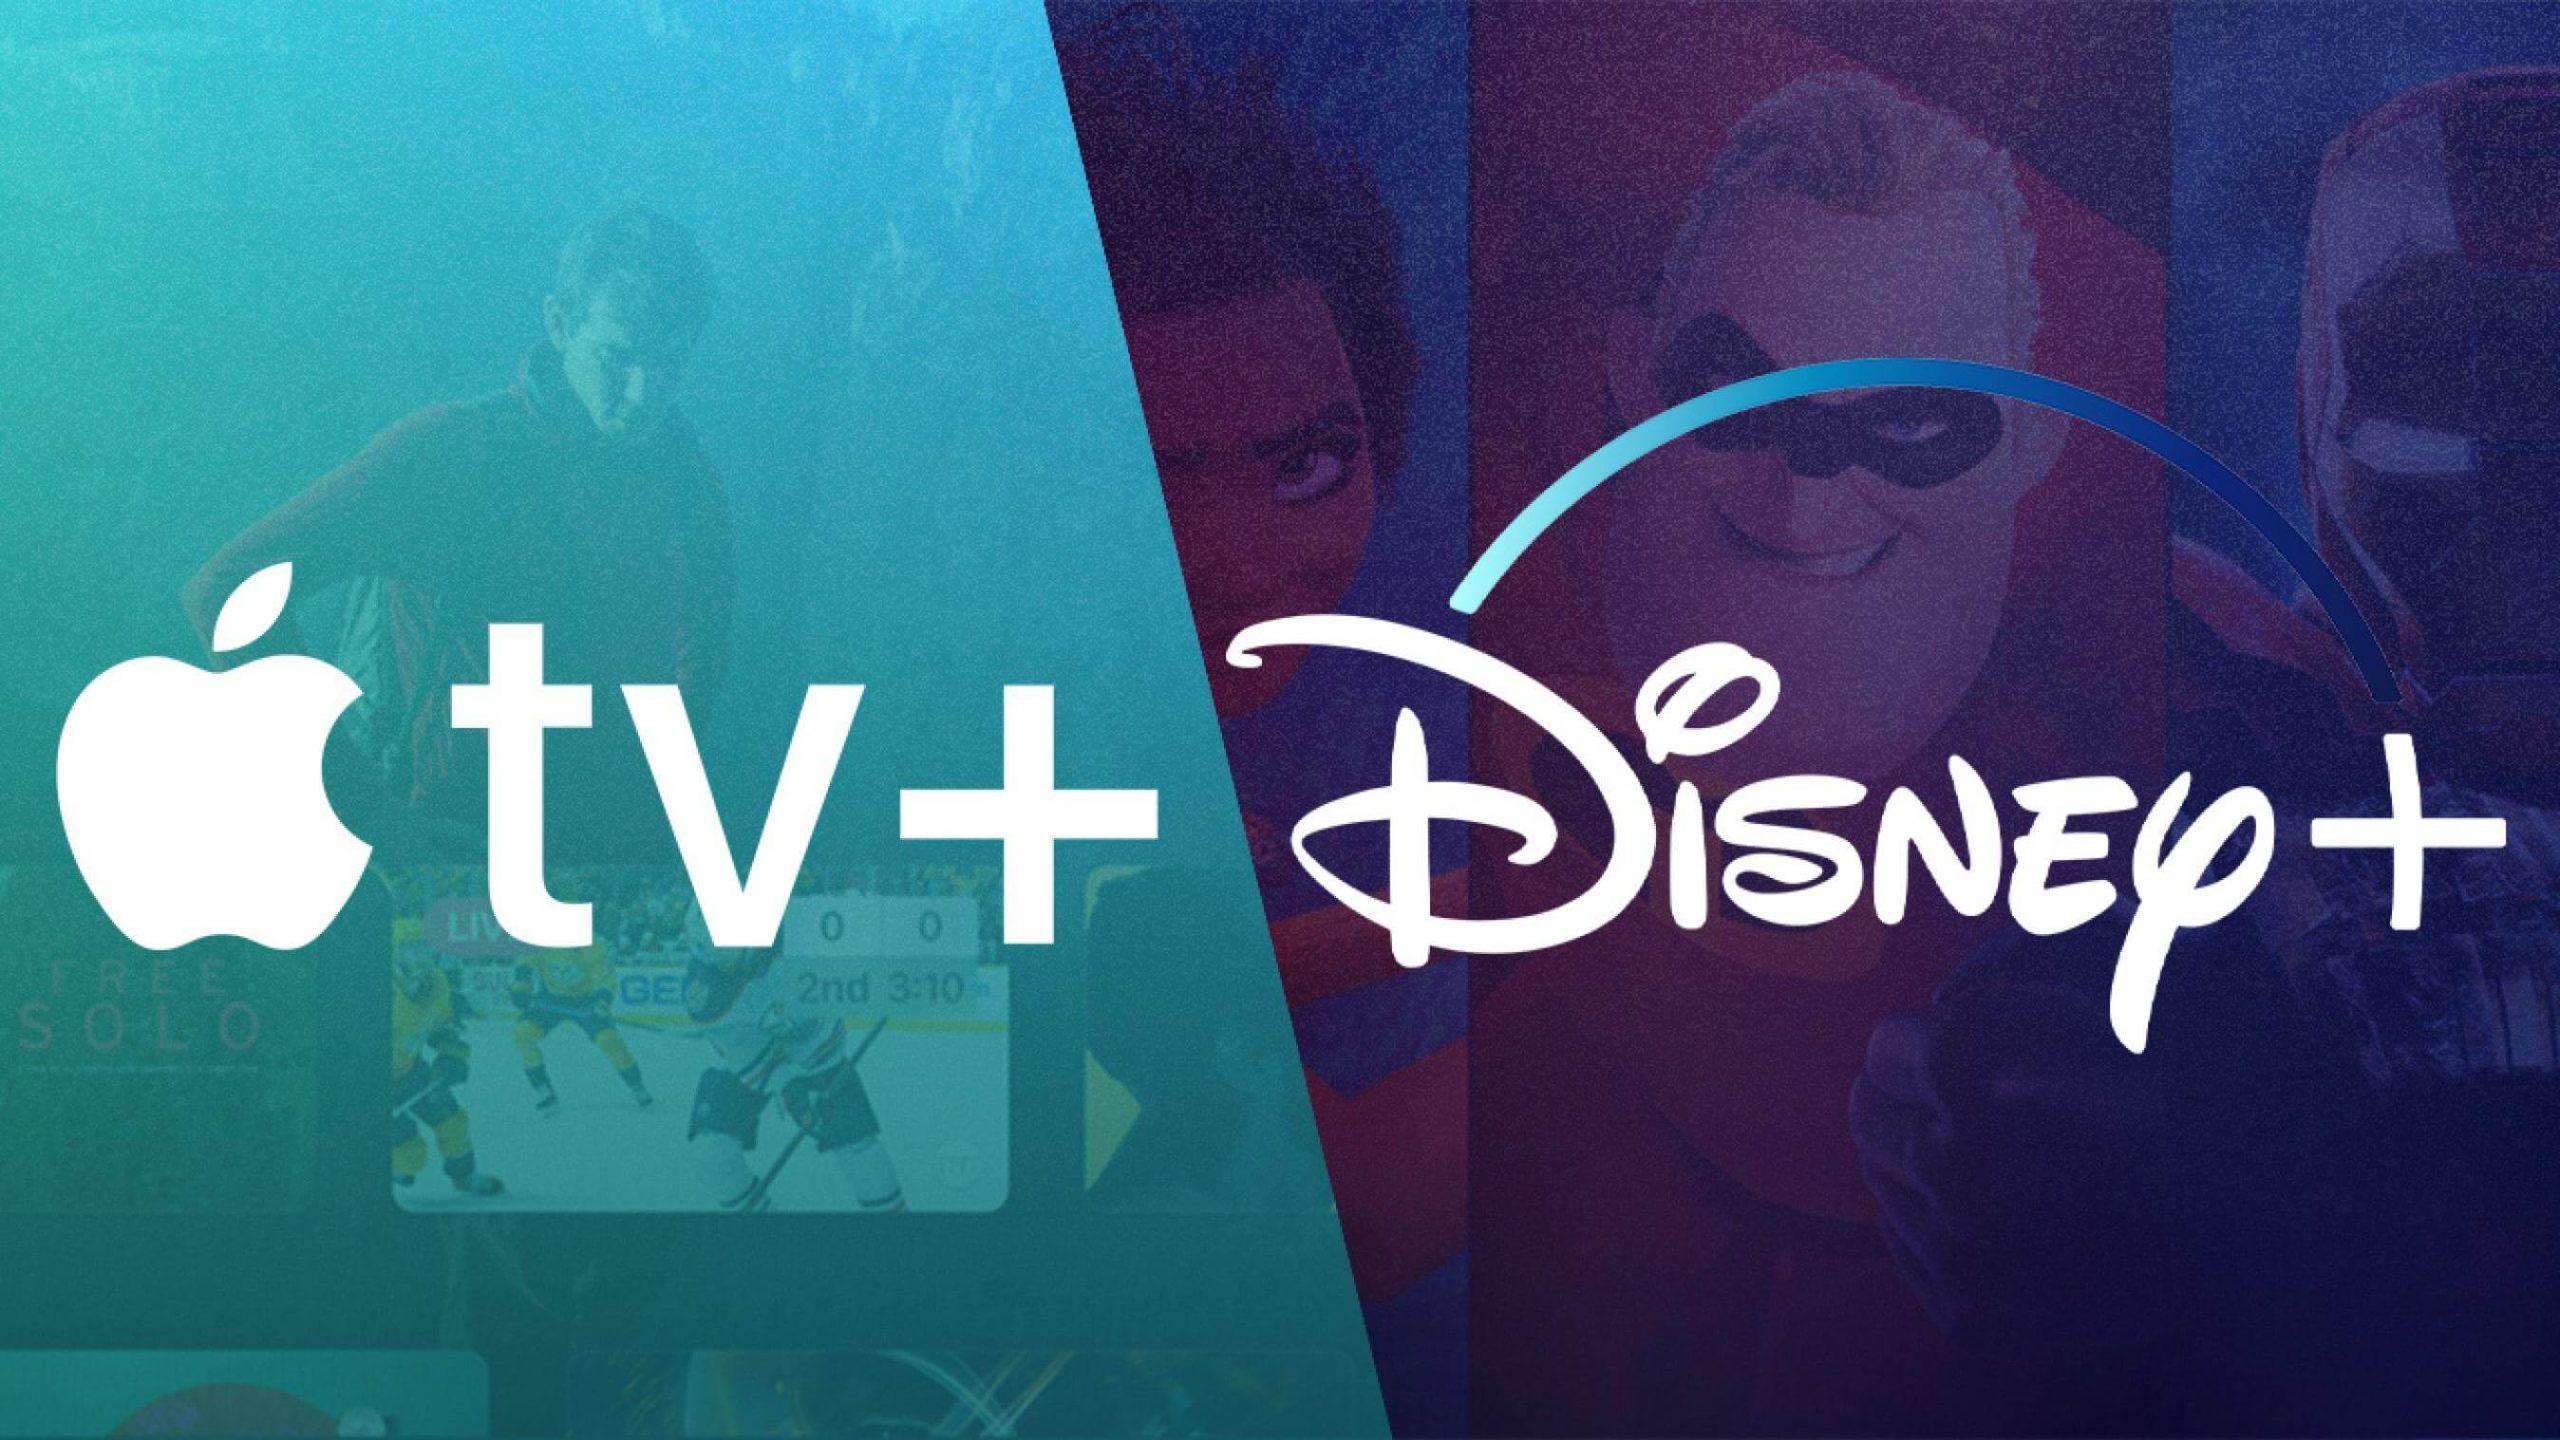 Аналитики: Apple может купить Disney на фоне убытков кинокомпании